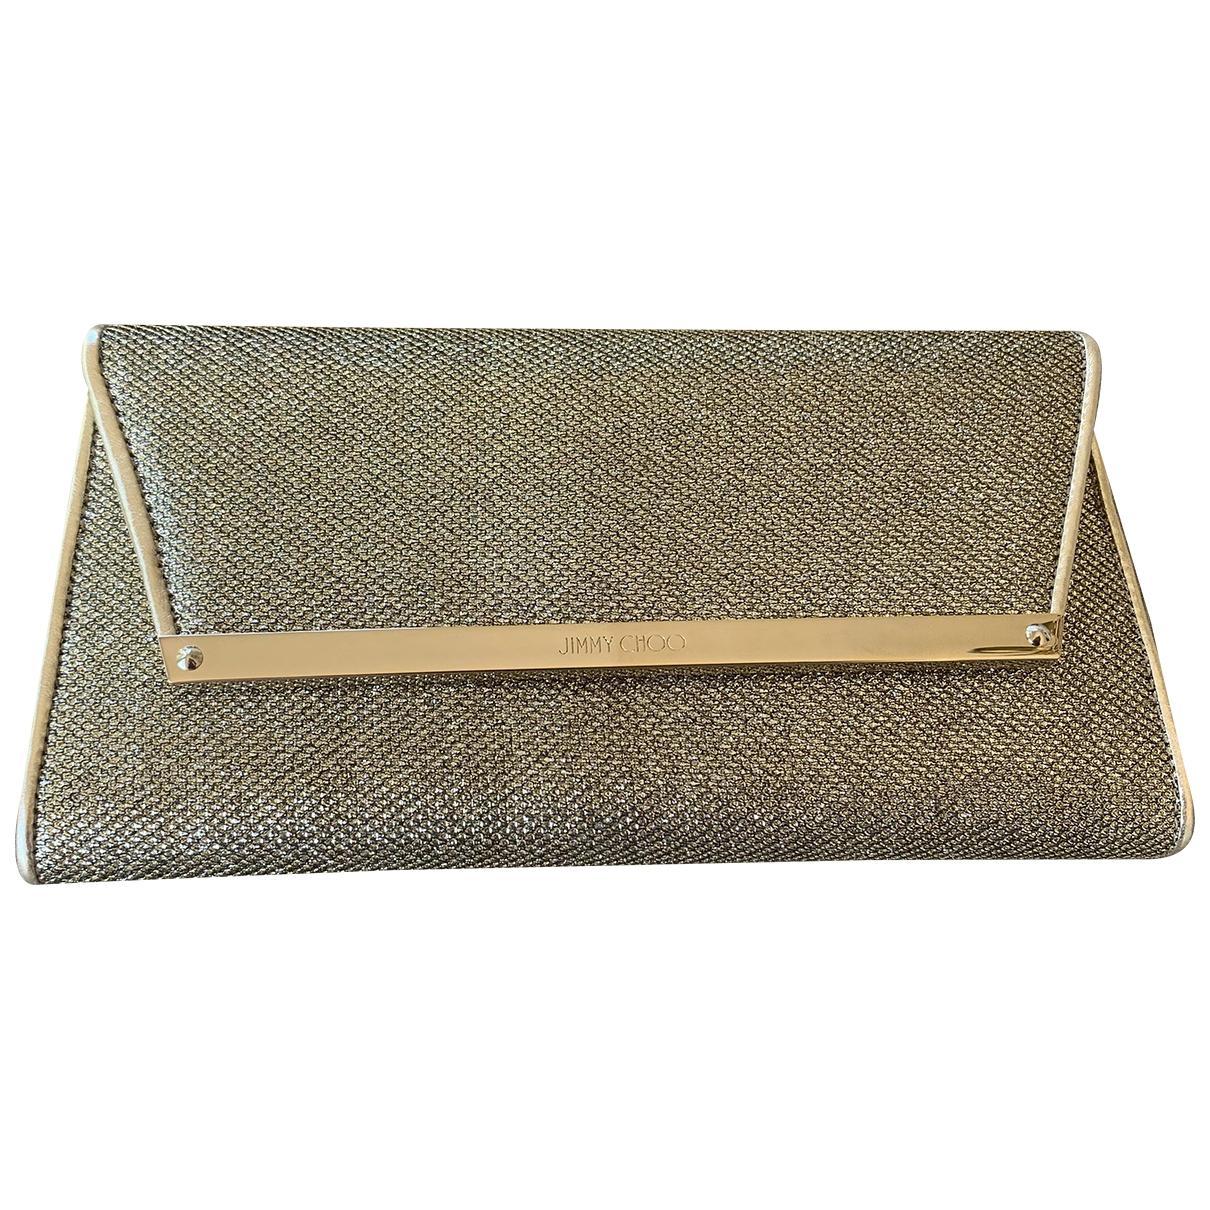 Jimmy Choo \N Gold Glitter Clutch bag for Women \N